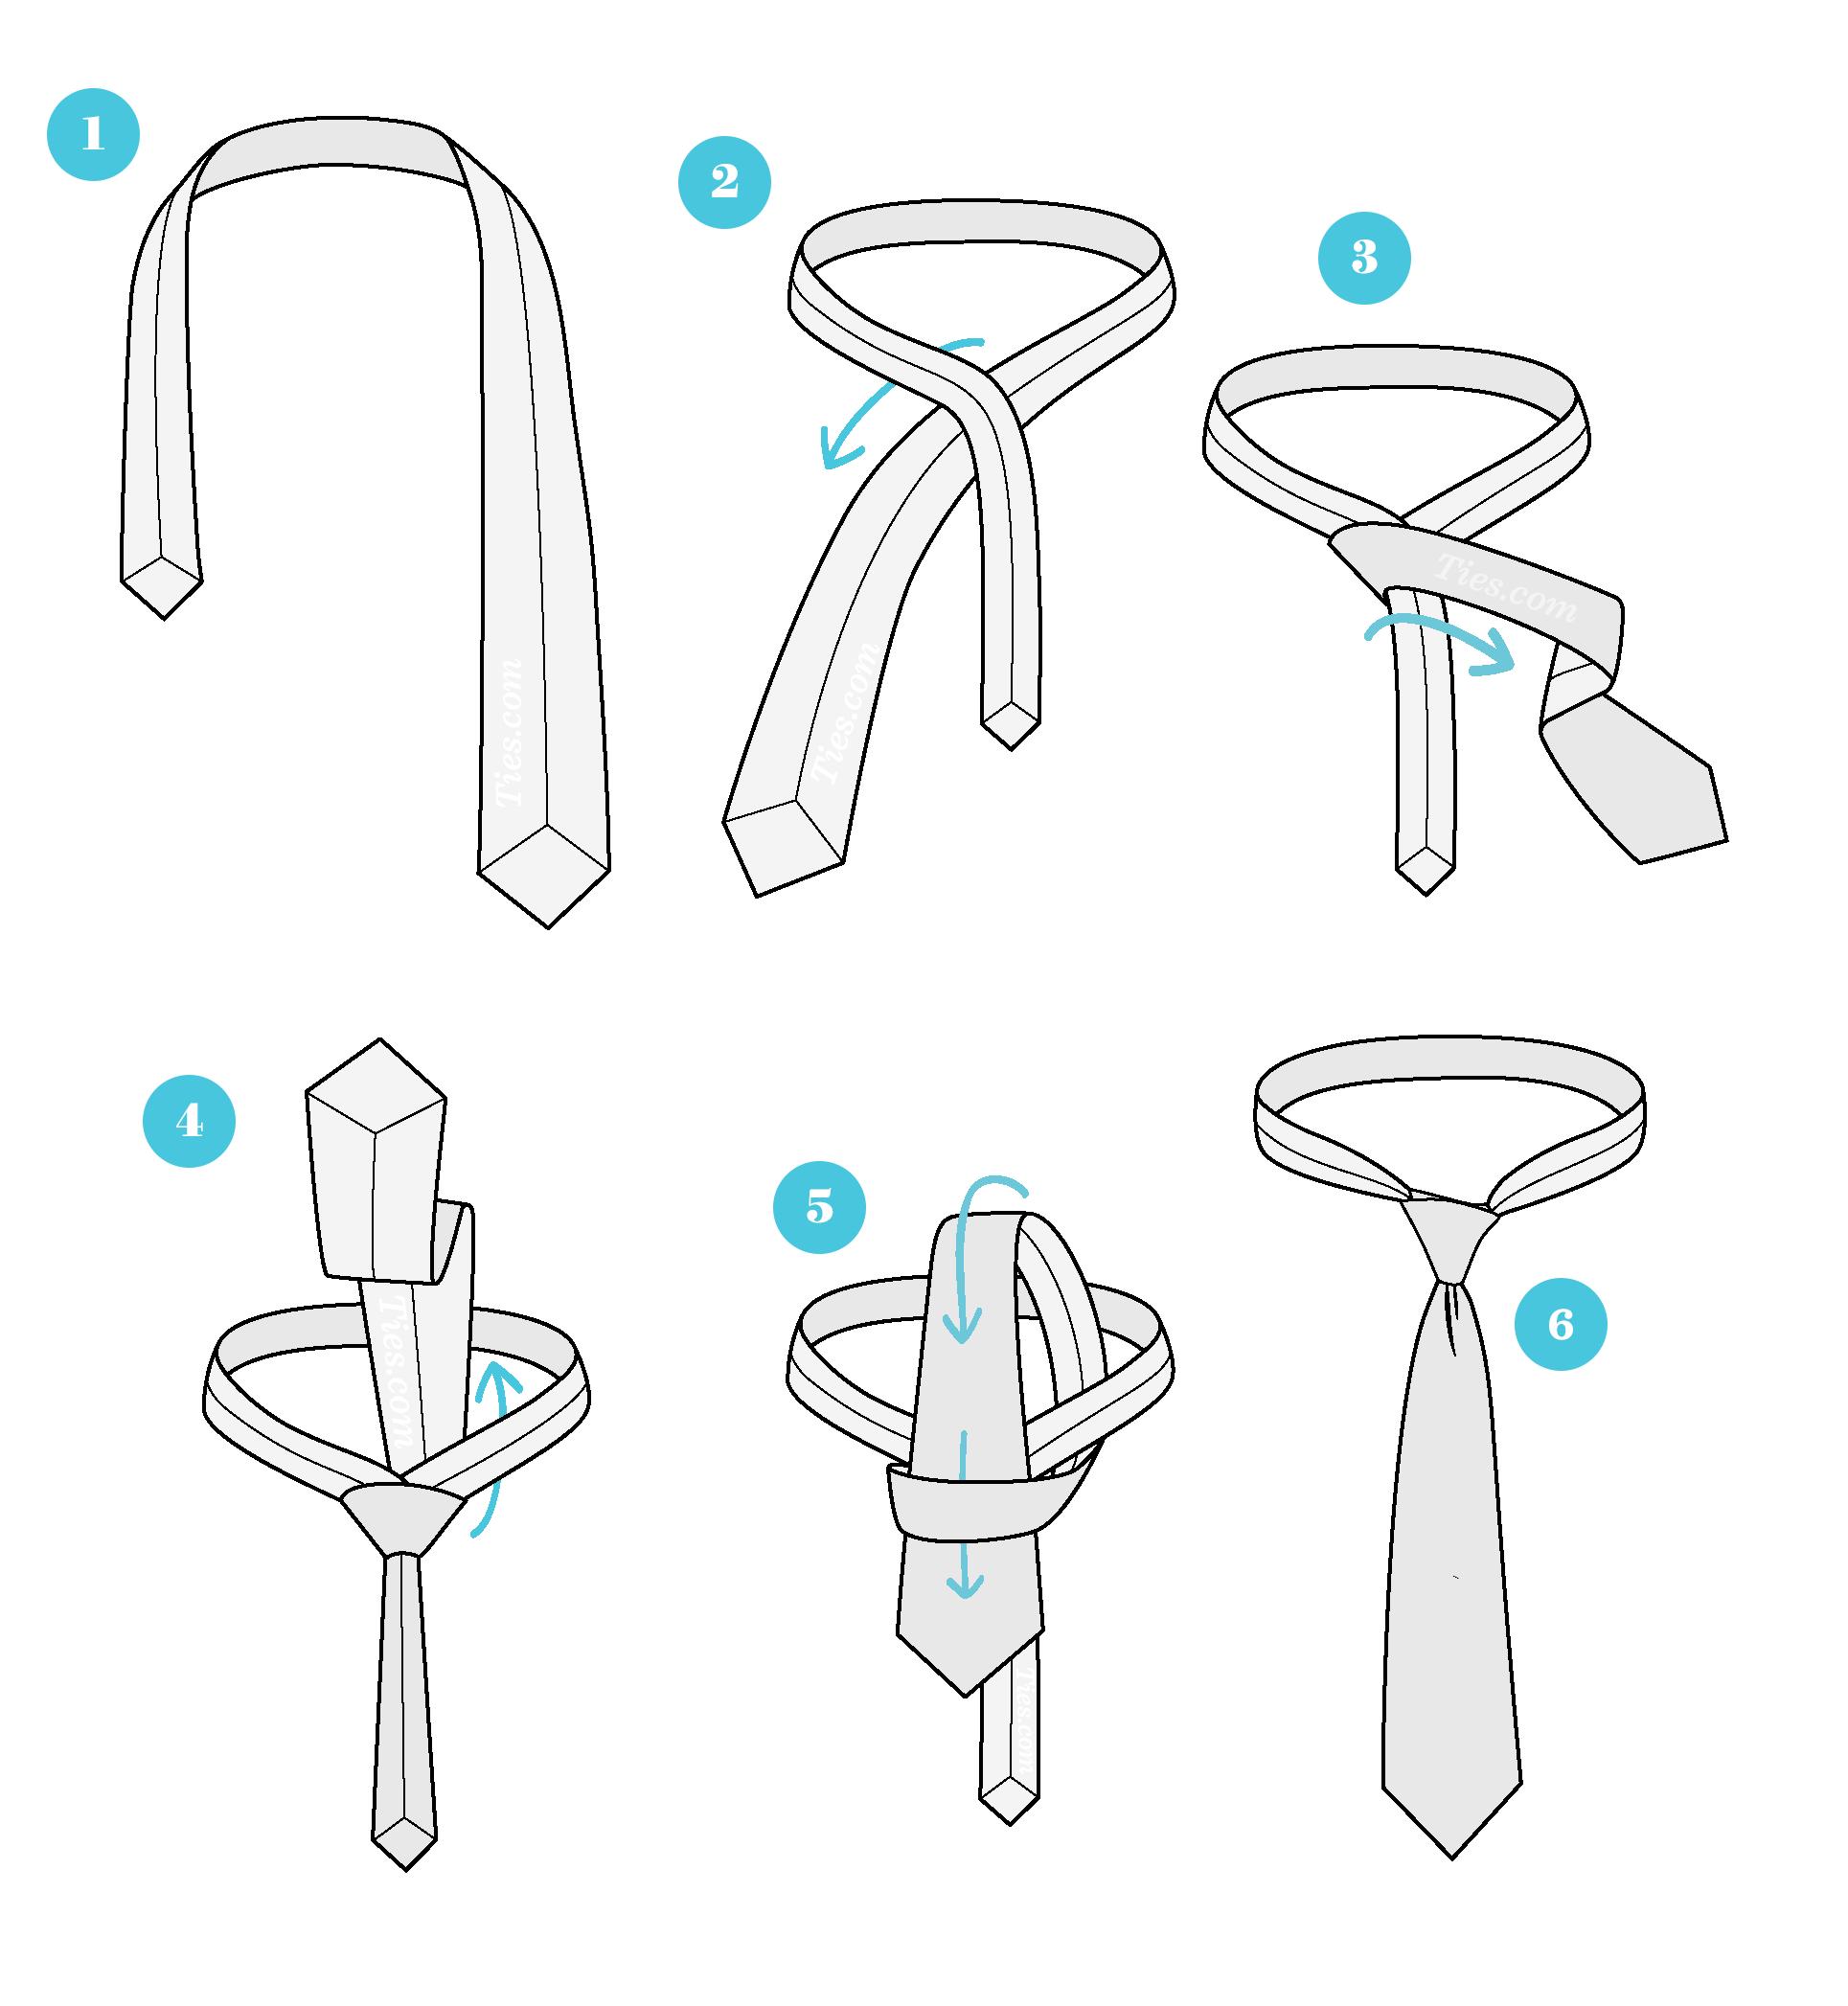 نحوه بستن کراوات با گره ساده